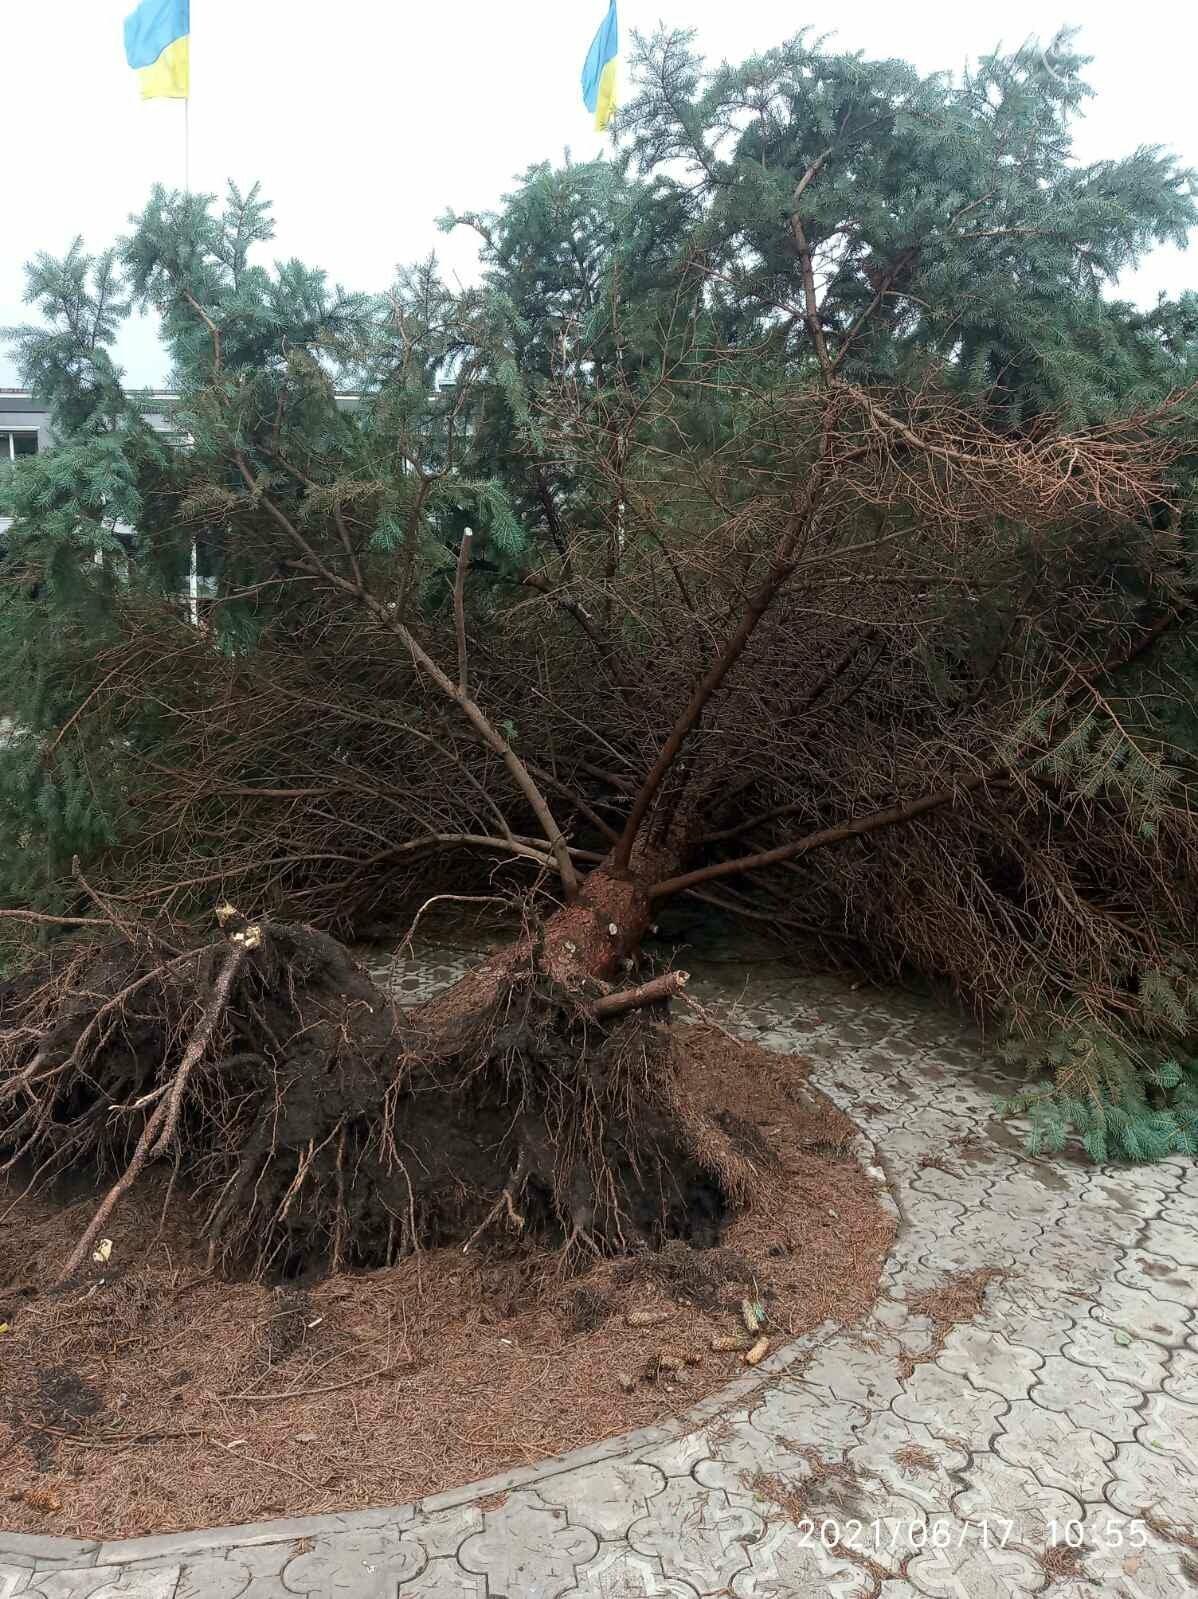 Прямо с корнем. В Мариуполе штормовой ветер валил деревья, - ФОТО, фото-9